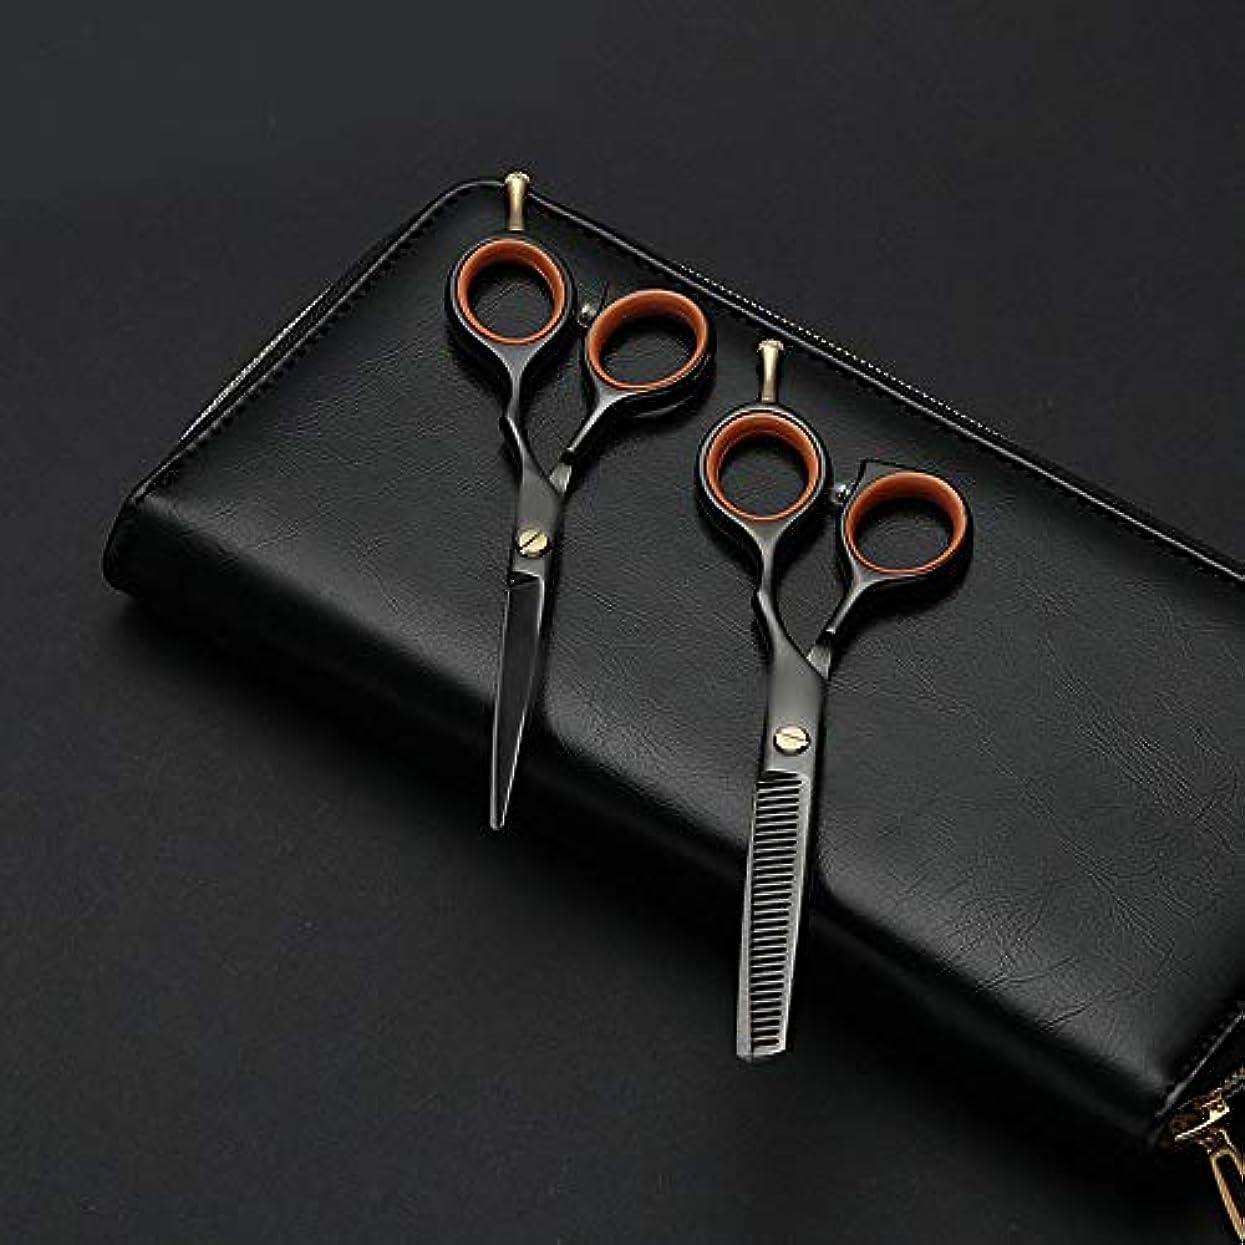 練習ポップ指令理髪用はさみ 5.5インチの専門の理髪はさみ、美容院の組合せセット理髪はさみ毛の切断はさみステンレス理髪はさみ (色 : 黒)